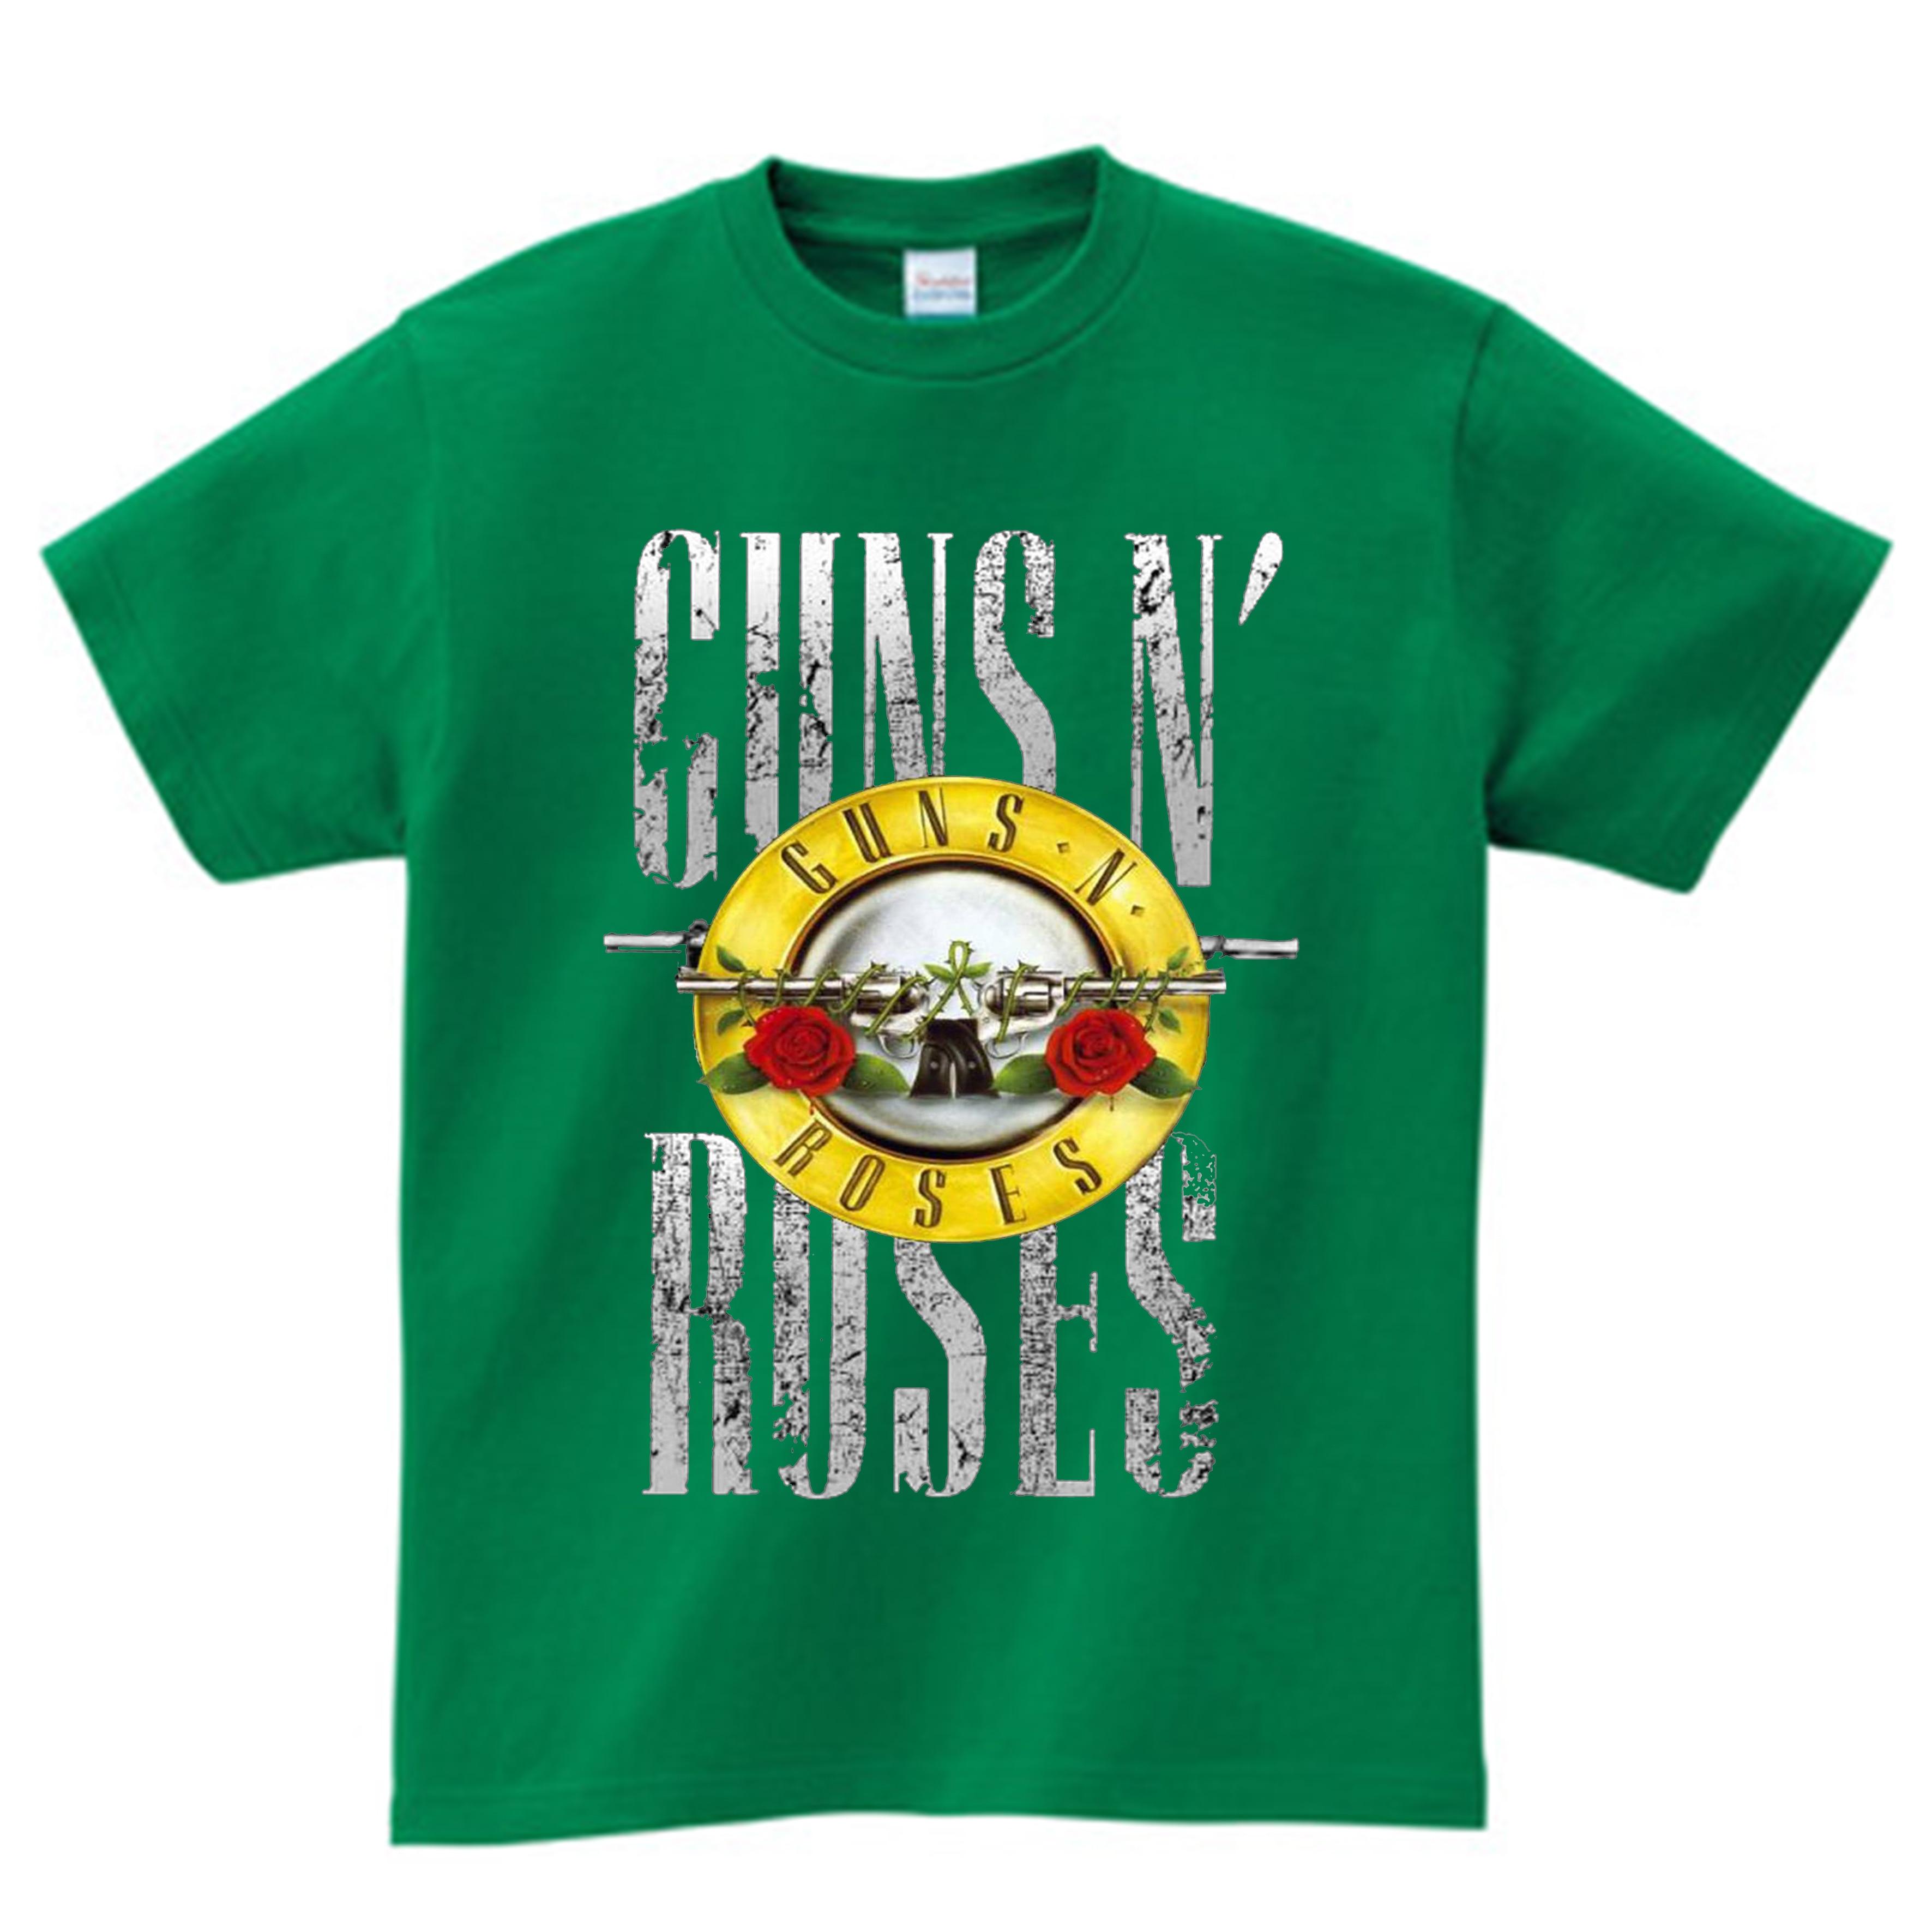 Children Rock Band Gun N Roses Print T shirt Summer Kids Hip Hop Music Tops Baby Boys/Girls t shirt vogue Princess Clothes  NN 4